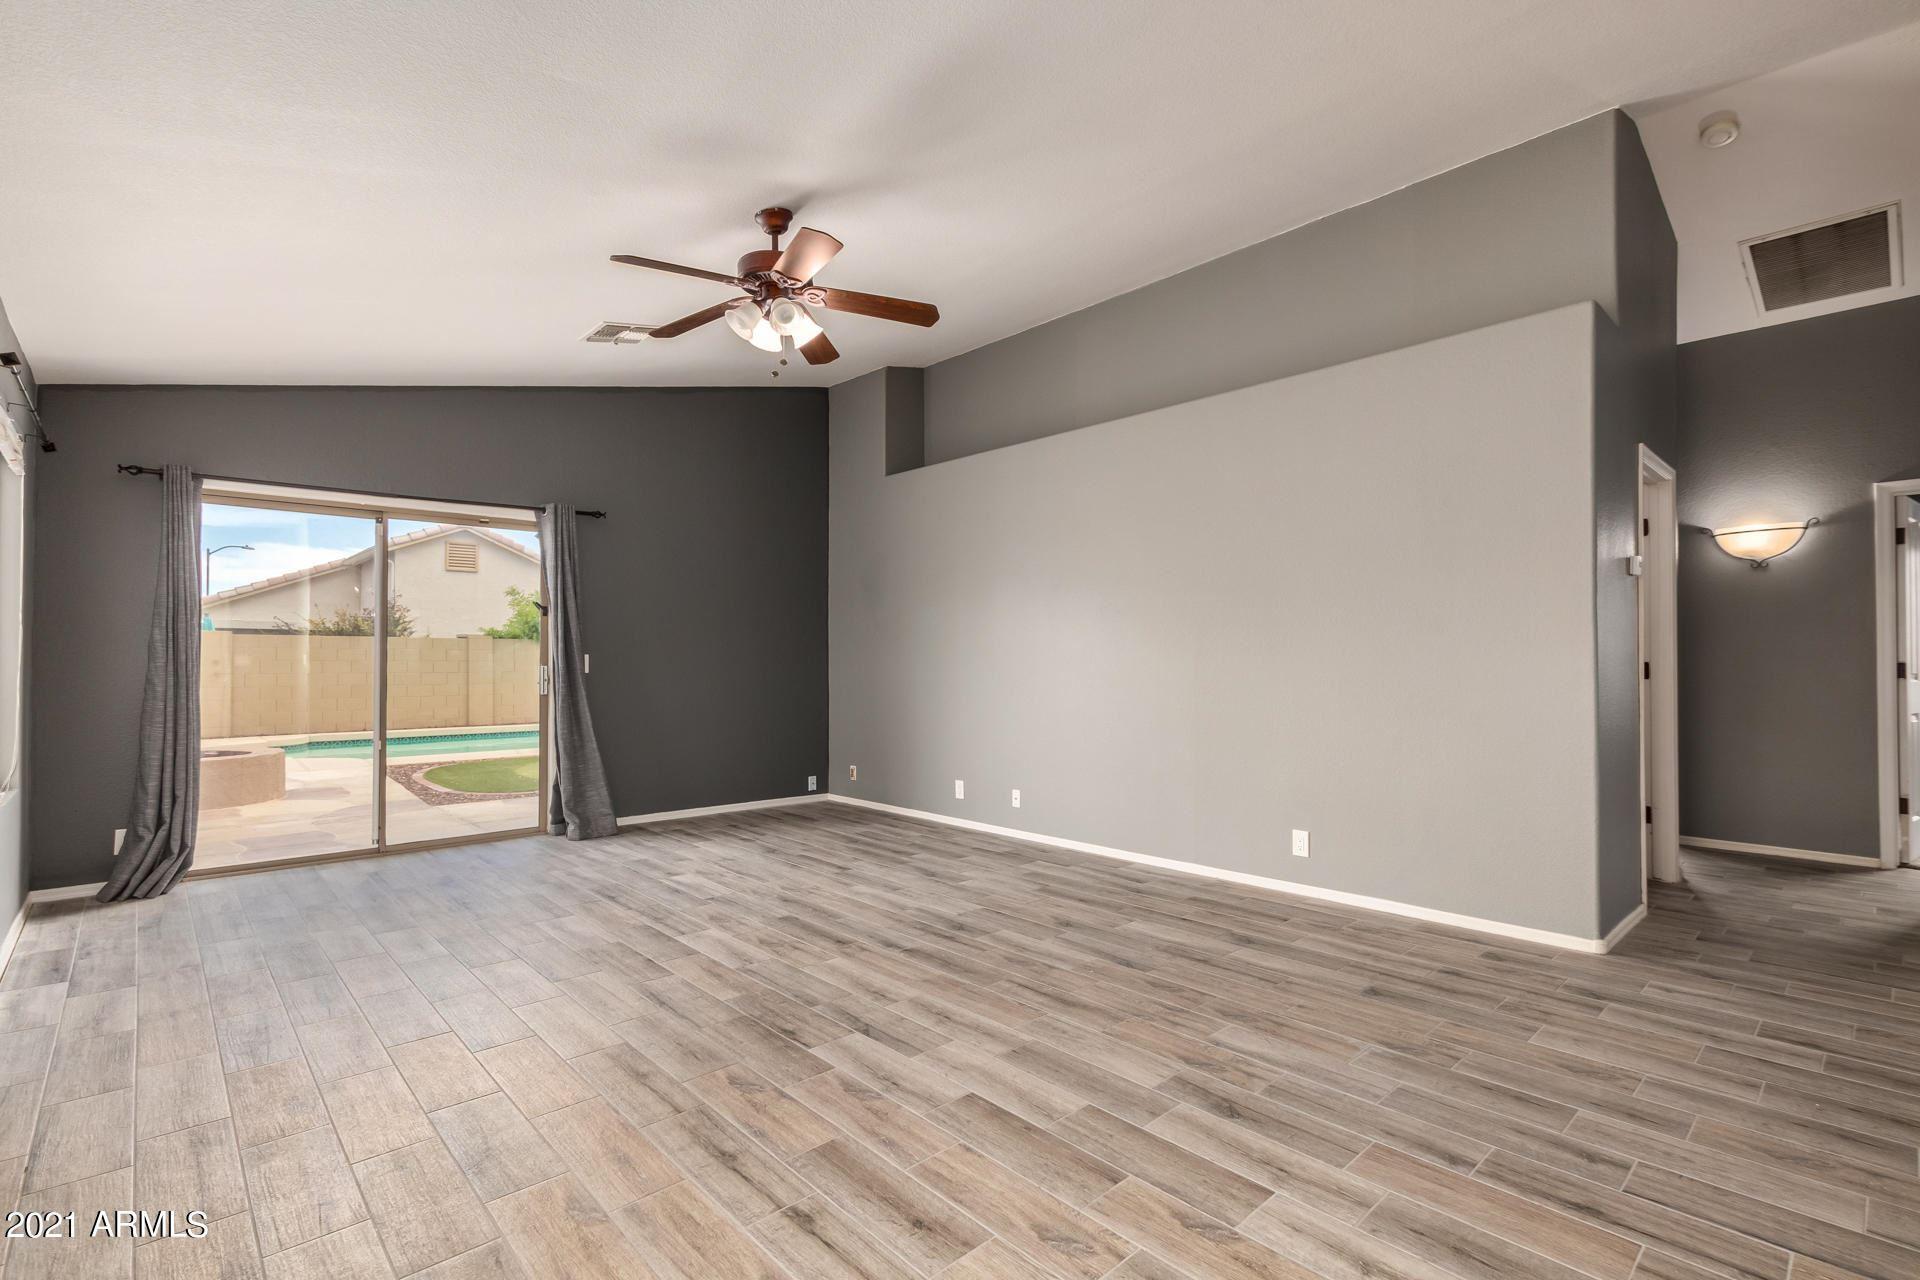 Photo of 3139 W LOUISE Drive, Phoenix, AZ 85027 (MLS # 6248492)